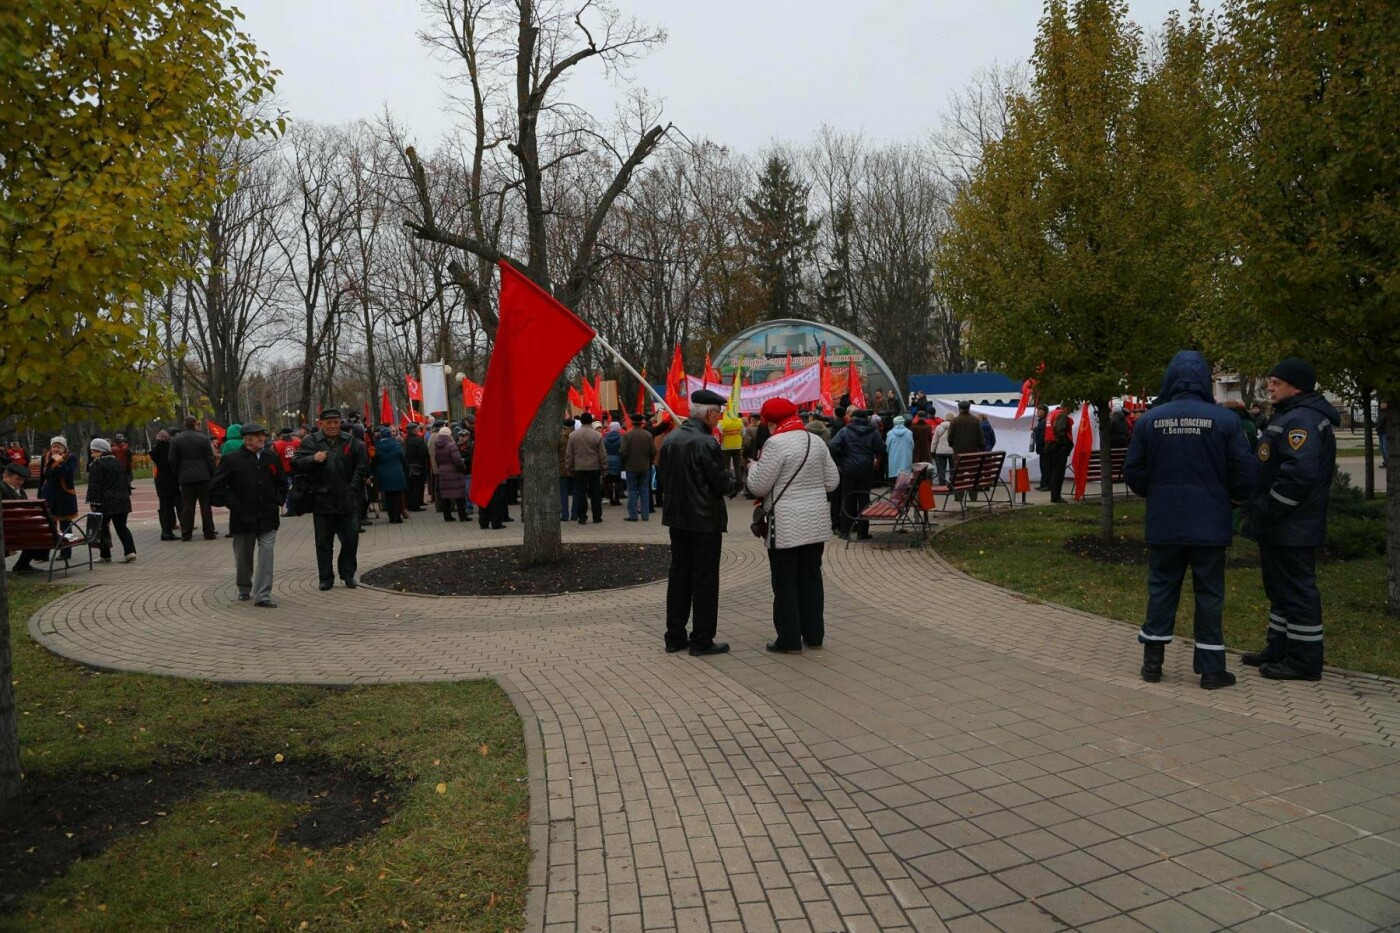 В парке Победы прошла демонстрация в честь 100-летия революции, фото-1